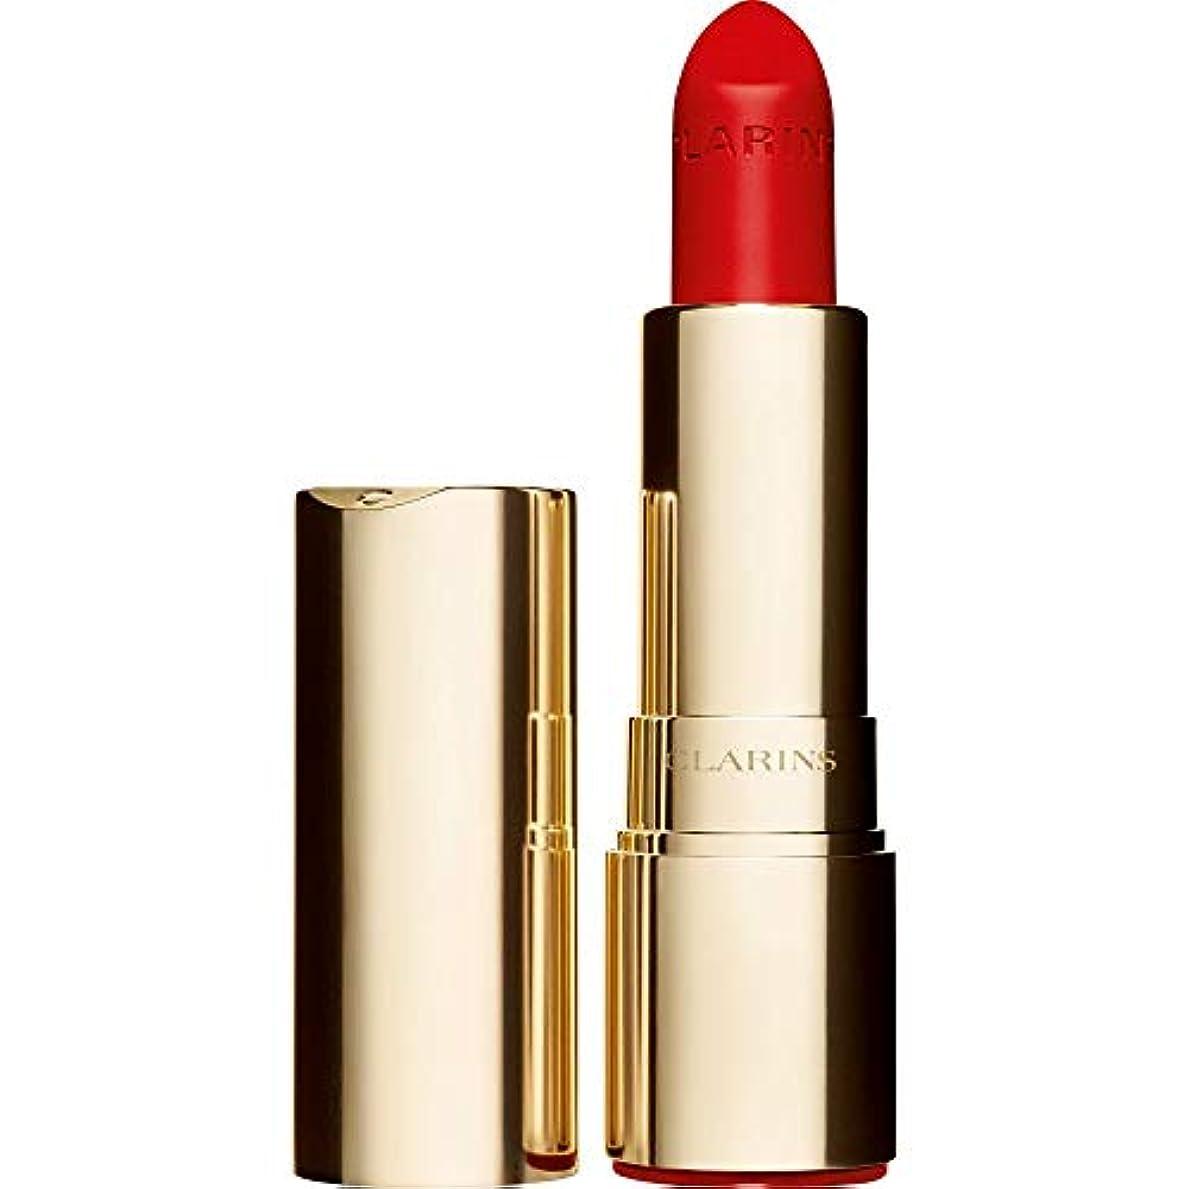 別々に宴会信頼性のある[Clarins ] クラランスジョリルージュのベルベットの口紅3.5グラムの741V - 赤、オレンジ - Clarins Joli Rouge Velvet Lipstick 3.5g 741V - Red Orange...